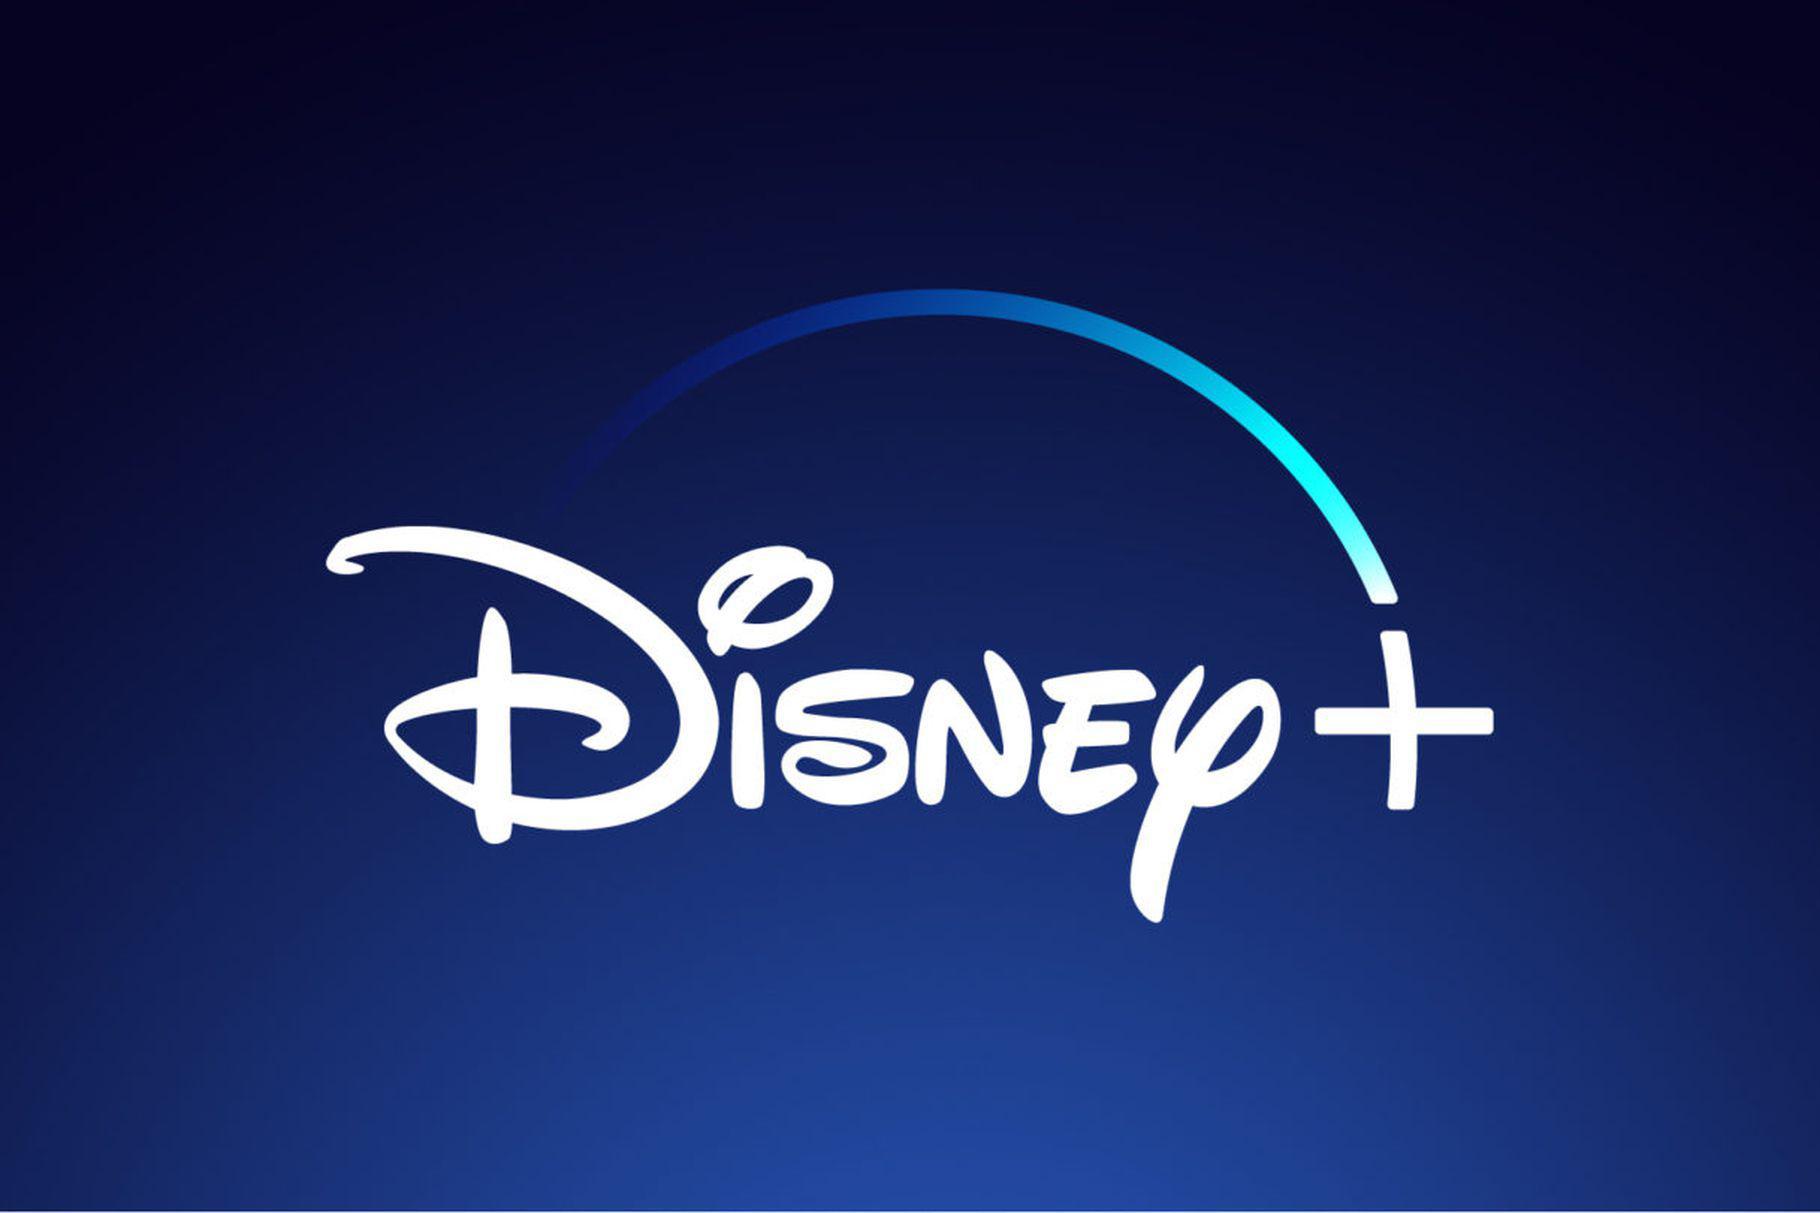 Disney+ 的订阅用户数已超过 5000 万